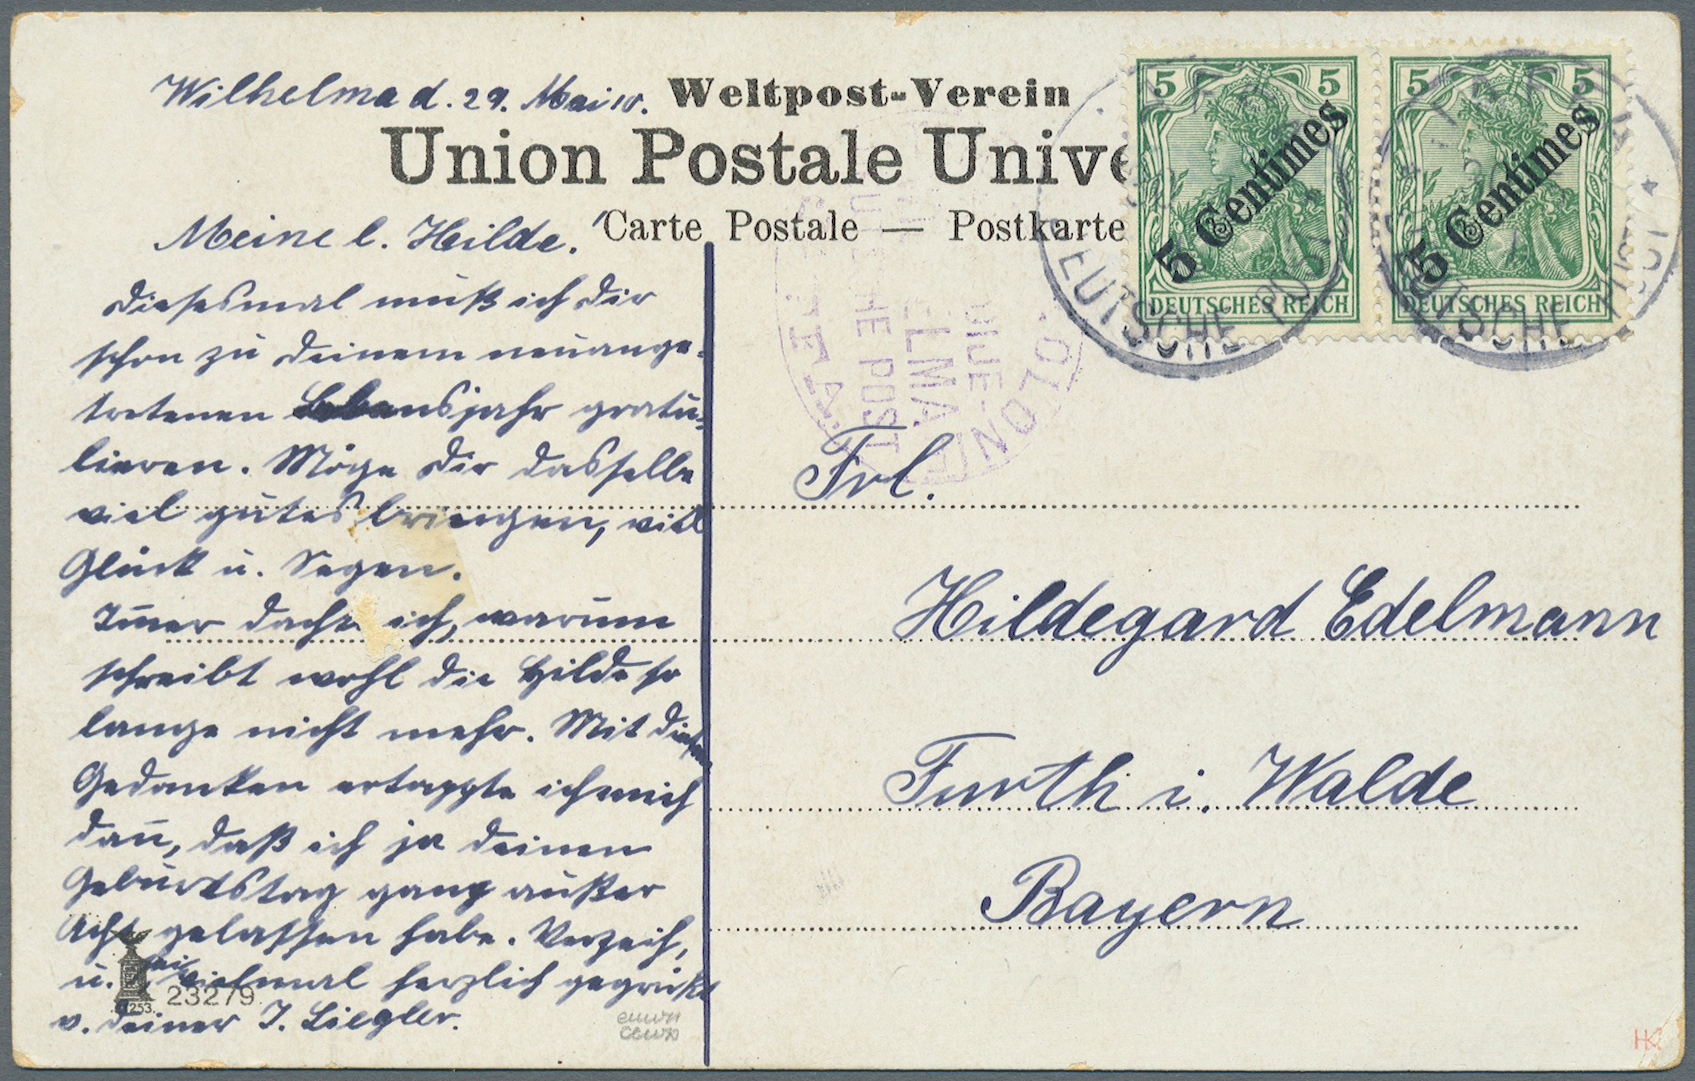 Lot 18563 - Deutsche Post in der Türkei - Besonderheiten  -  Auktionshaus Christoph Gärtner GmbH & Co. KG Auction #40 Germany, Picture Post Cards, Collections Overseas, Thematics